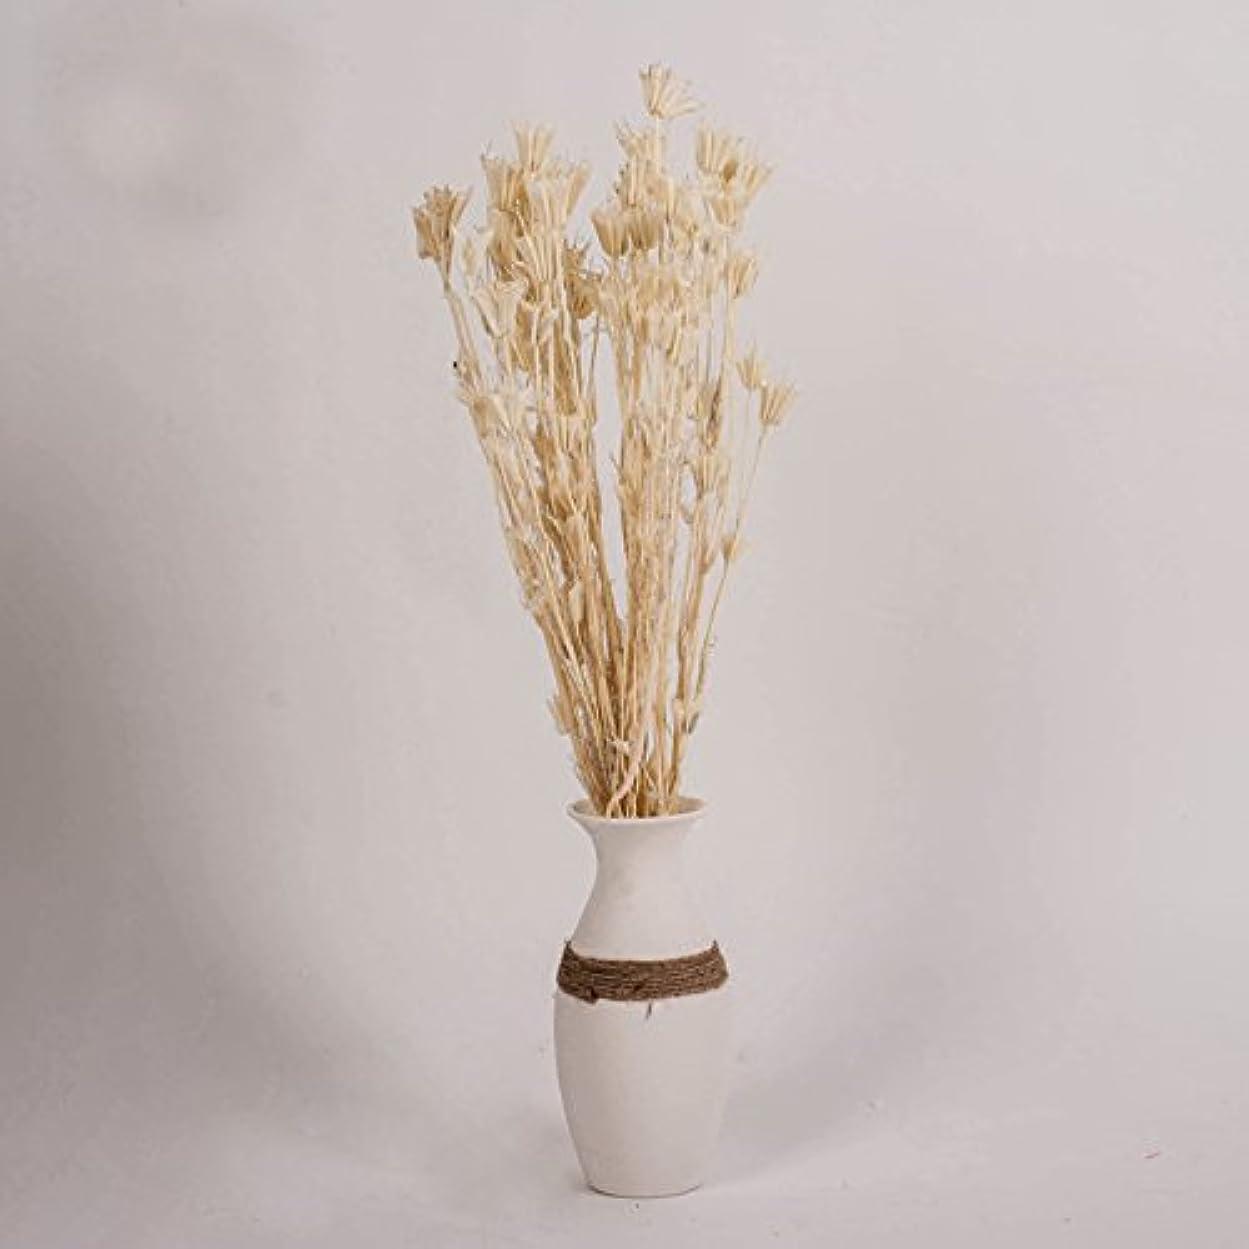 トランザクションロースト保守的天然ドライフラワー 花 植物 ミオソティス 装飾 インドア アウトドア 室外 室内 フラワー 飾り デコレーション(ベージュ 1ブーケ(10本))